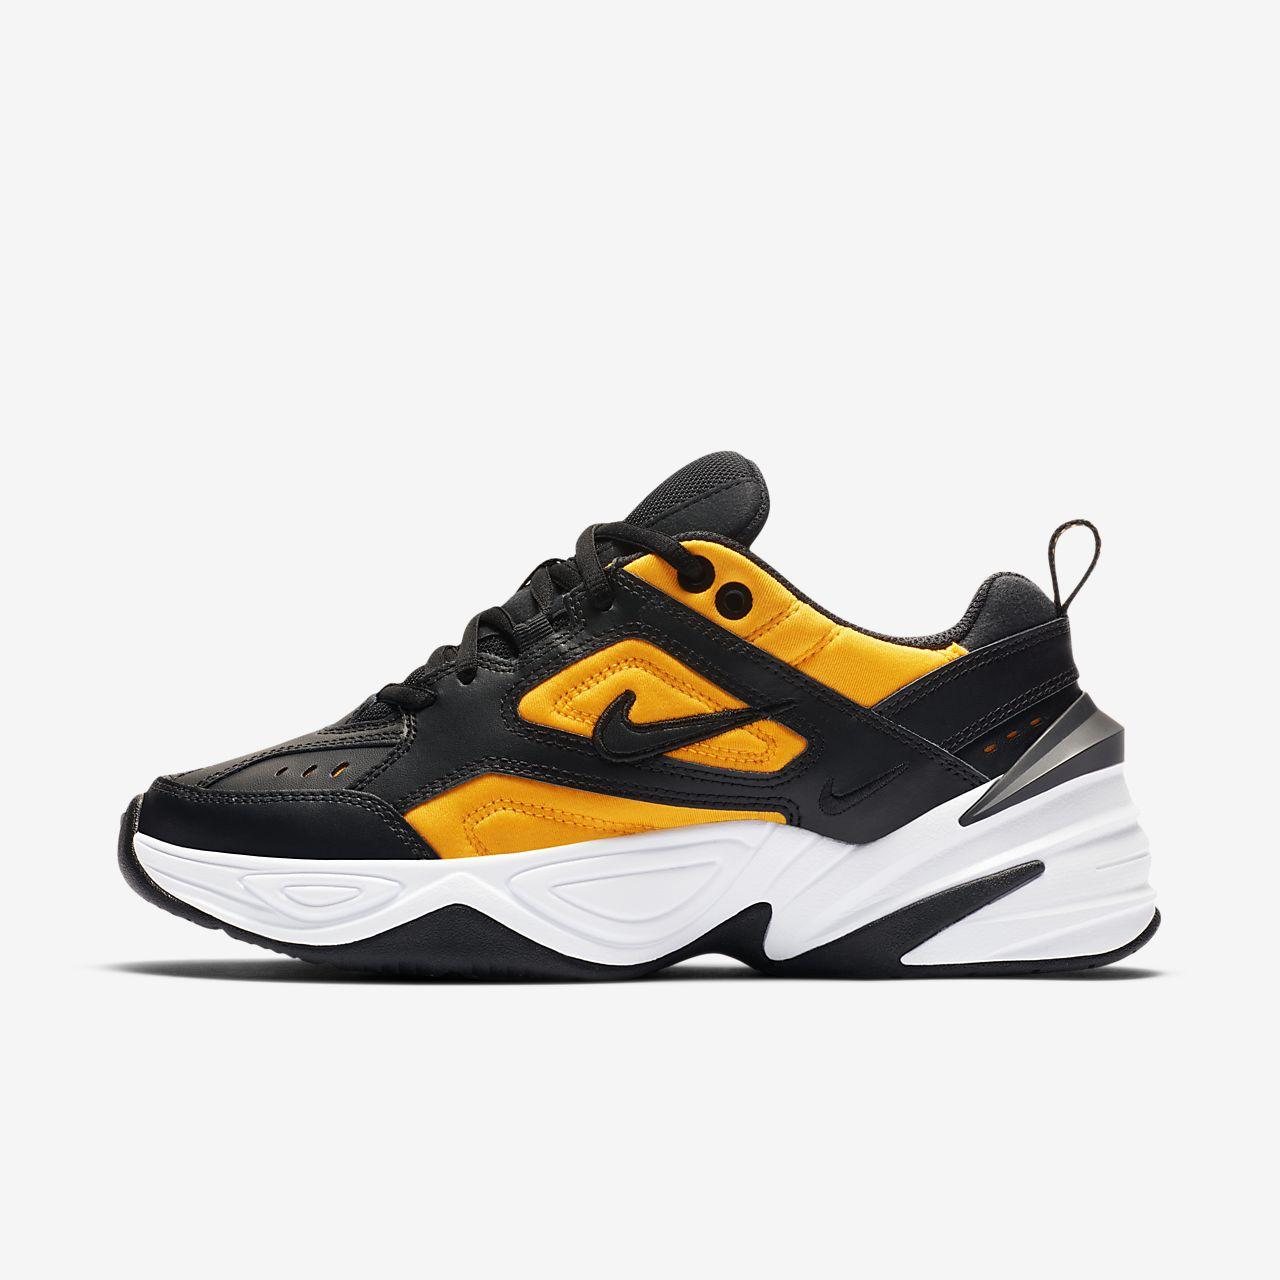 2c3f3c2546 Nike M2K Tekno Shoe. Nike.com GB